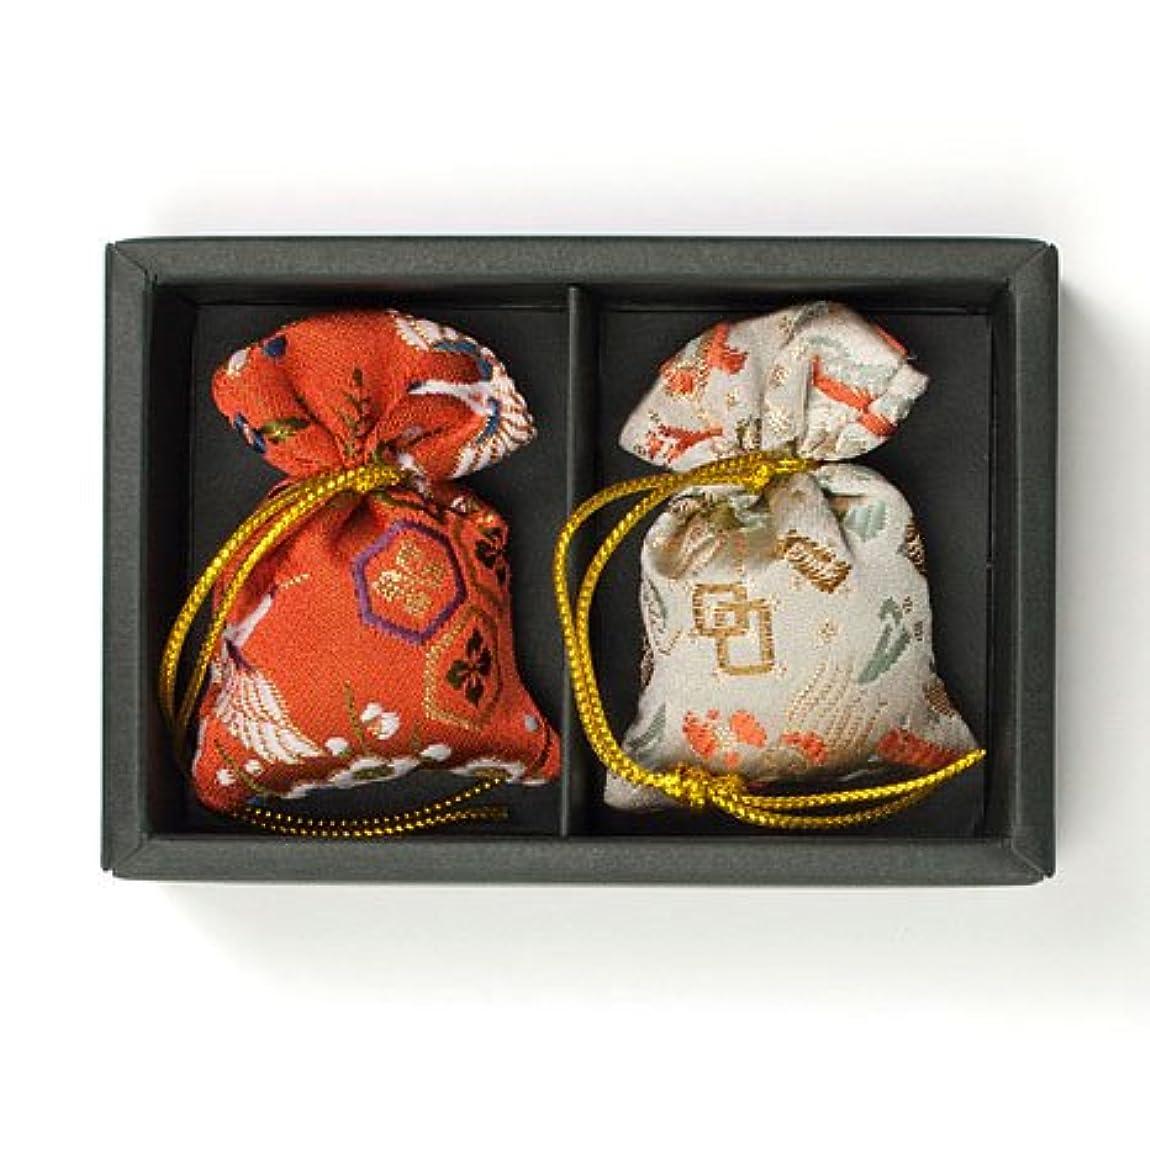 作ります後世寝る匂い袋 誰が袖 みやこ(大) 2個入 松栄堂 Shoyeido